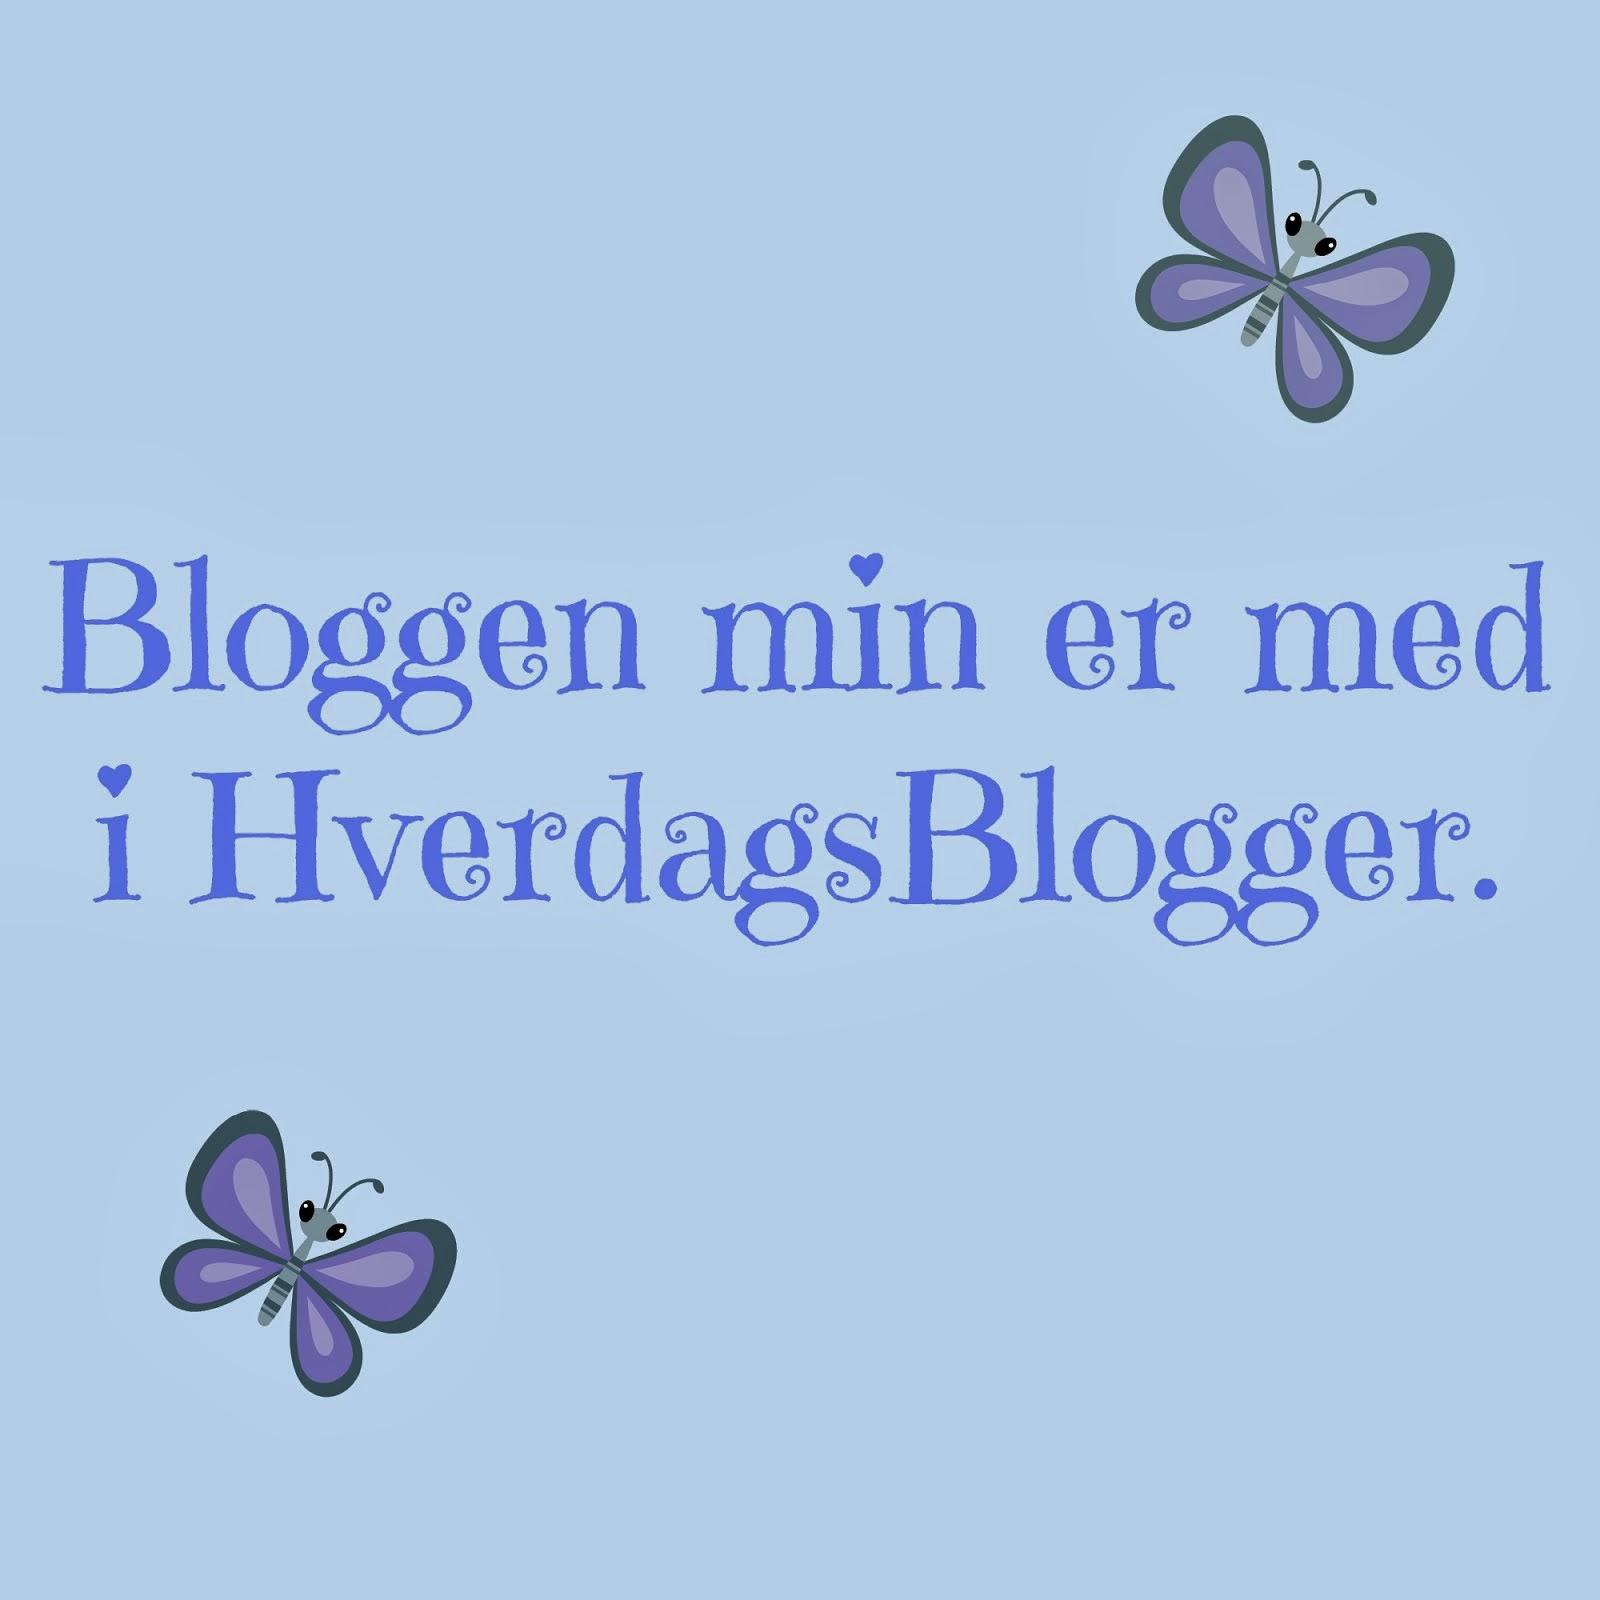 Bloggen min er med i Hverdagsblogger